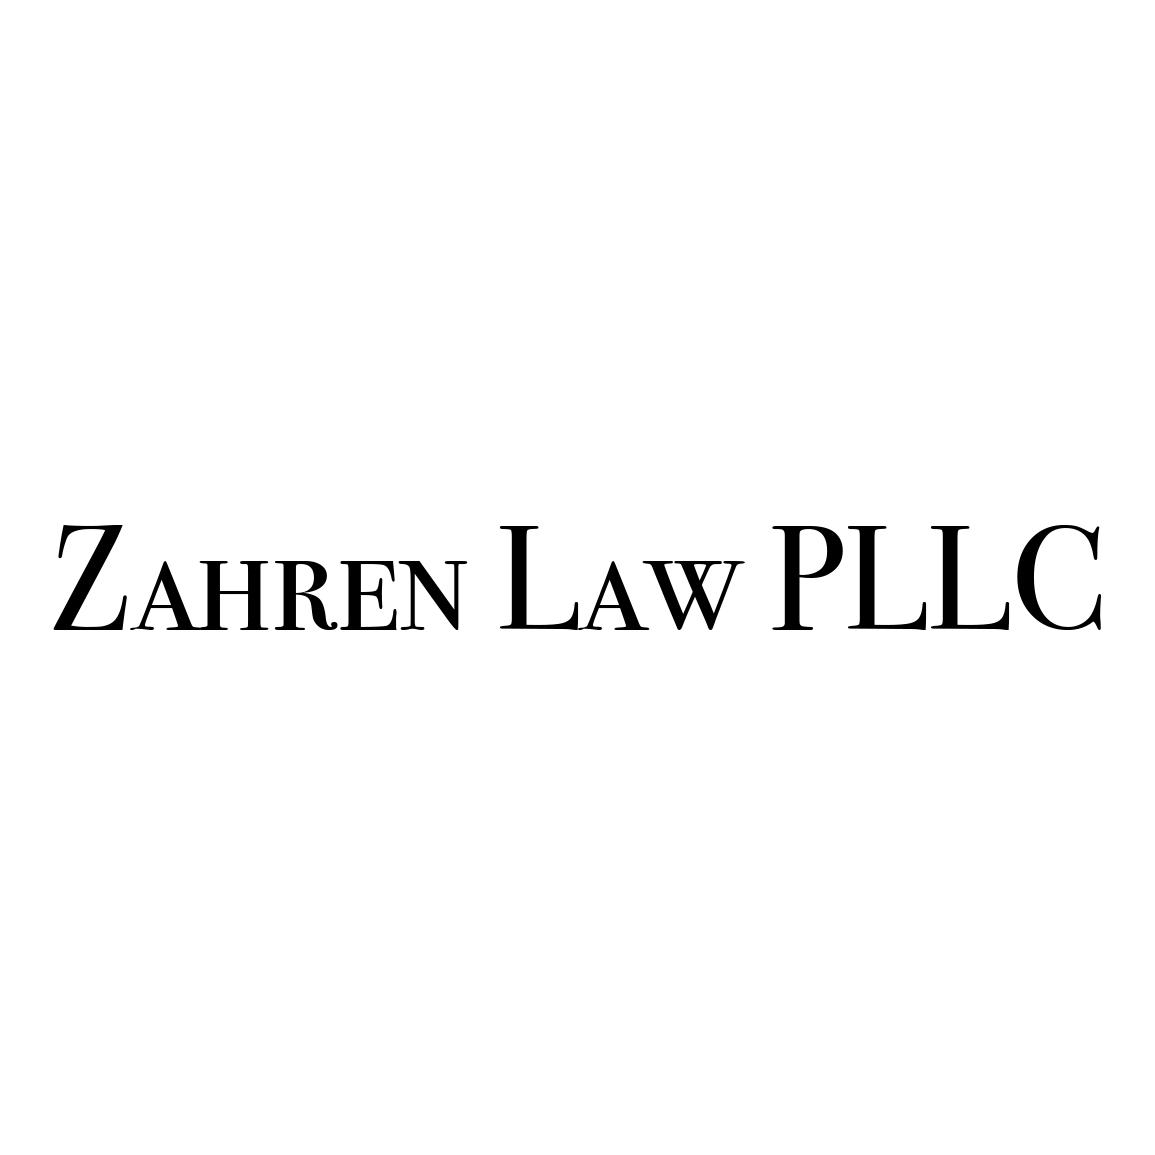 Zahren Law PLLC - Huntersville, NC - Attorneys